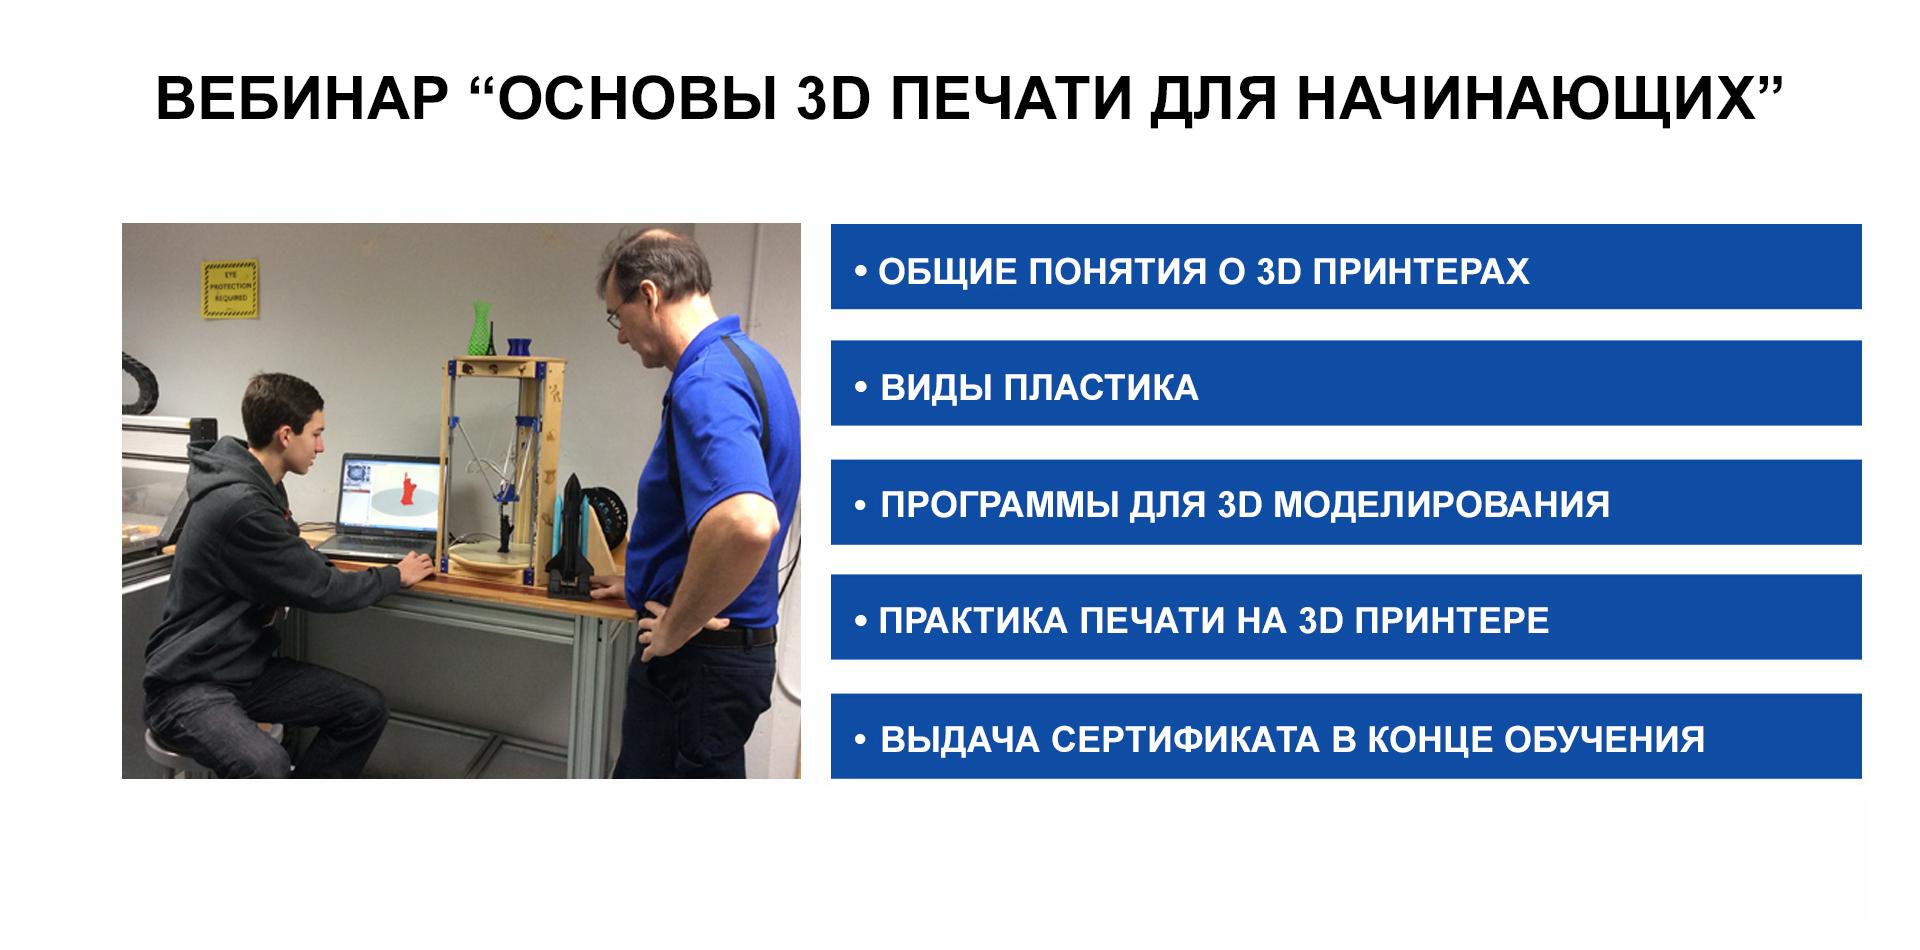 ОБУЧЕНИЕ 3D ПЕЧАТИ В АСТАНЕ